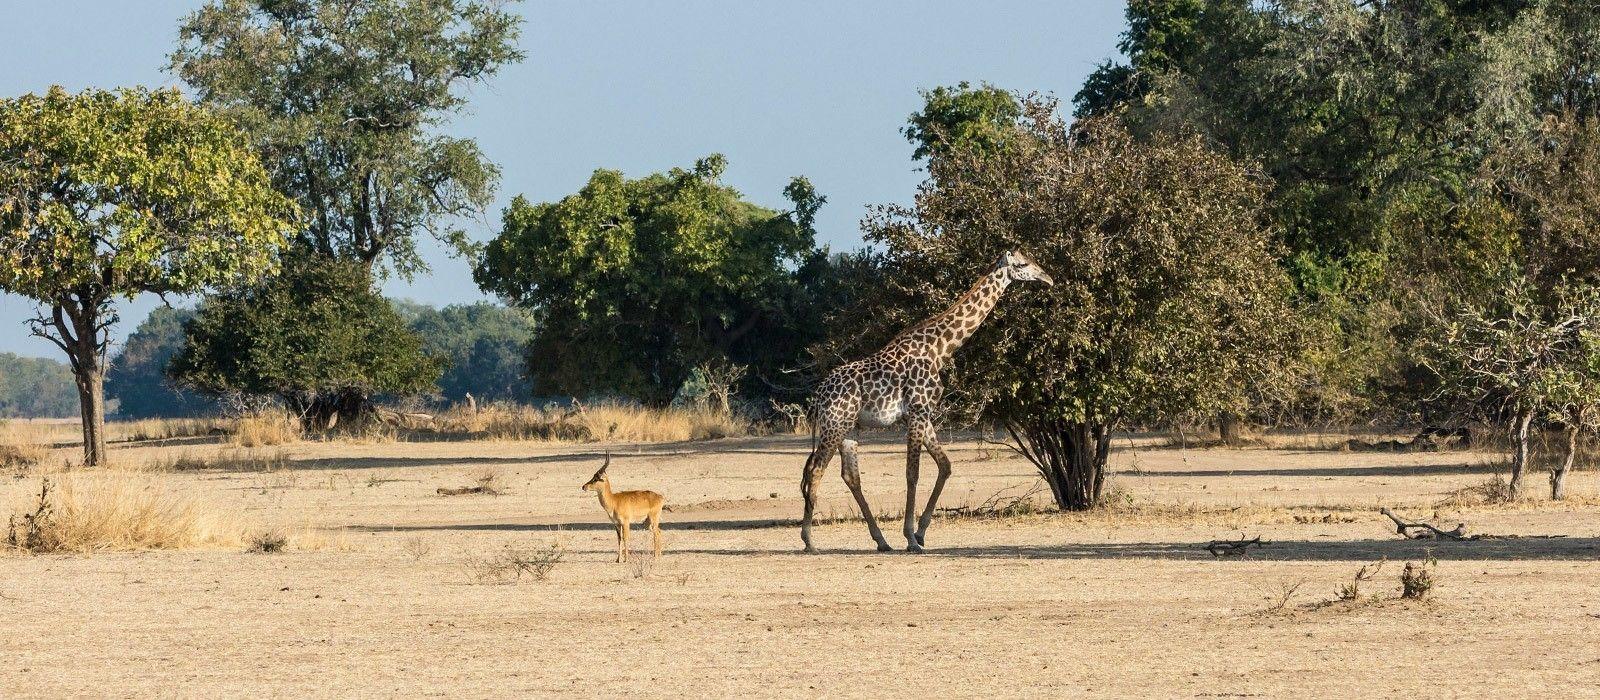 Abenteuerreise: Sambia, Malawi & Mosambik für Entdecker Urlaub 1